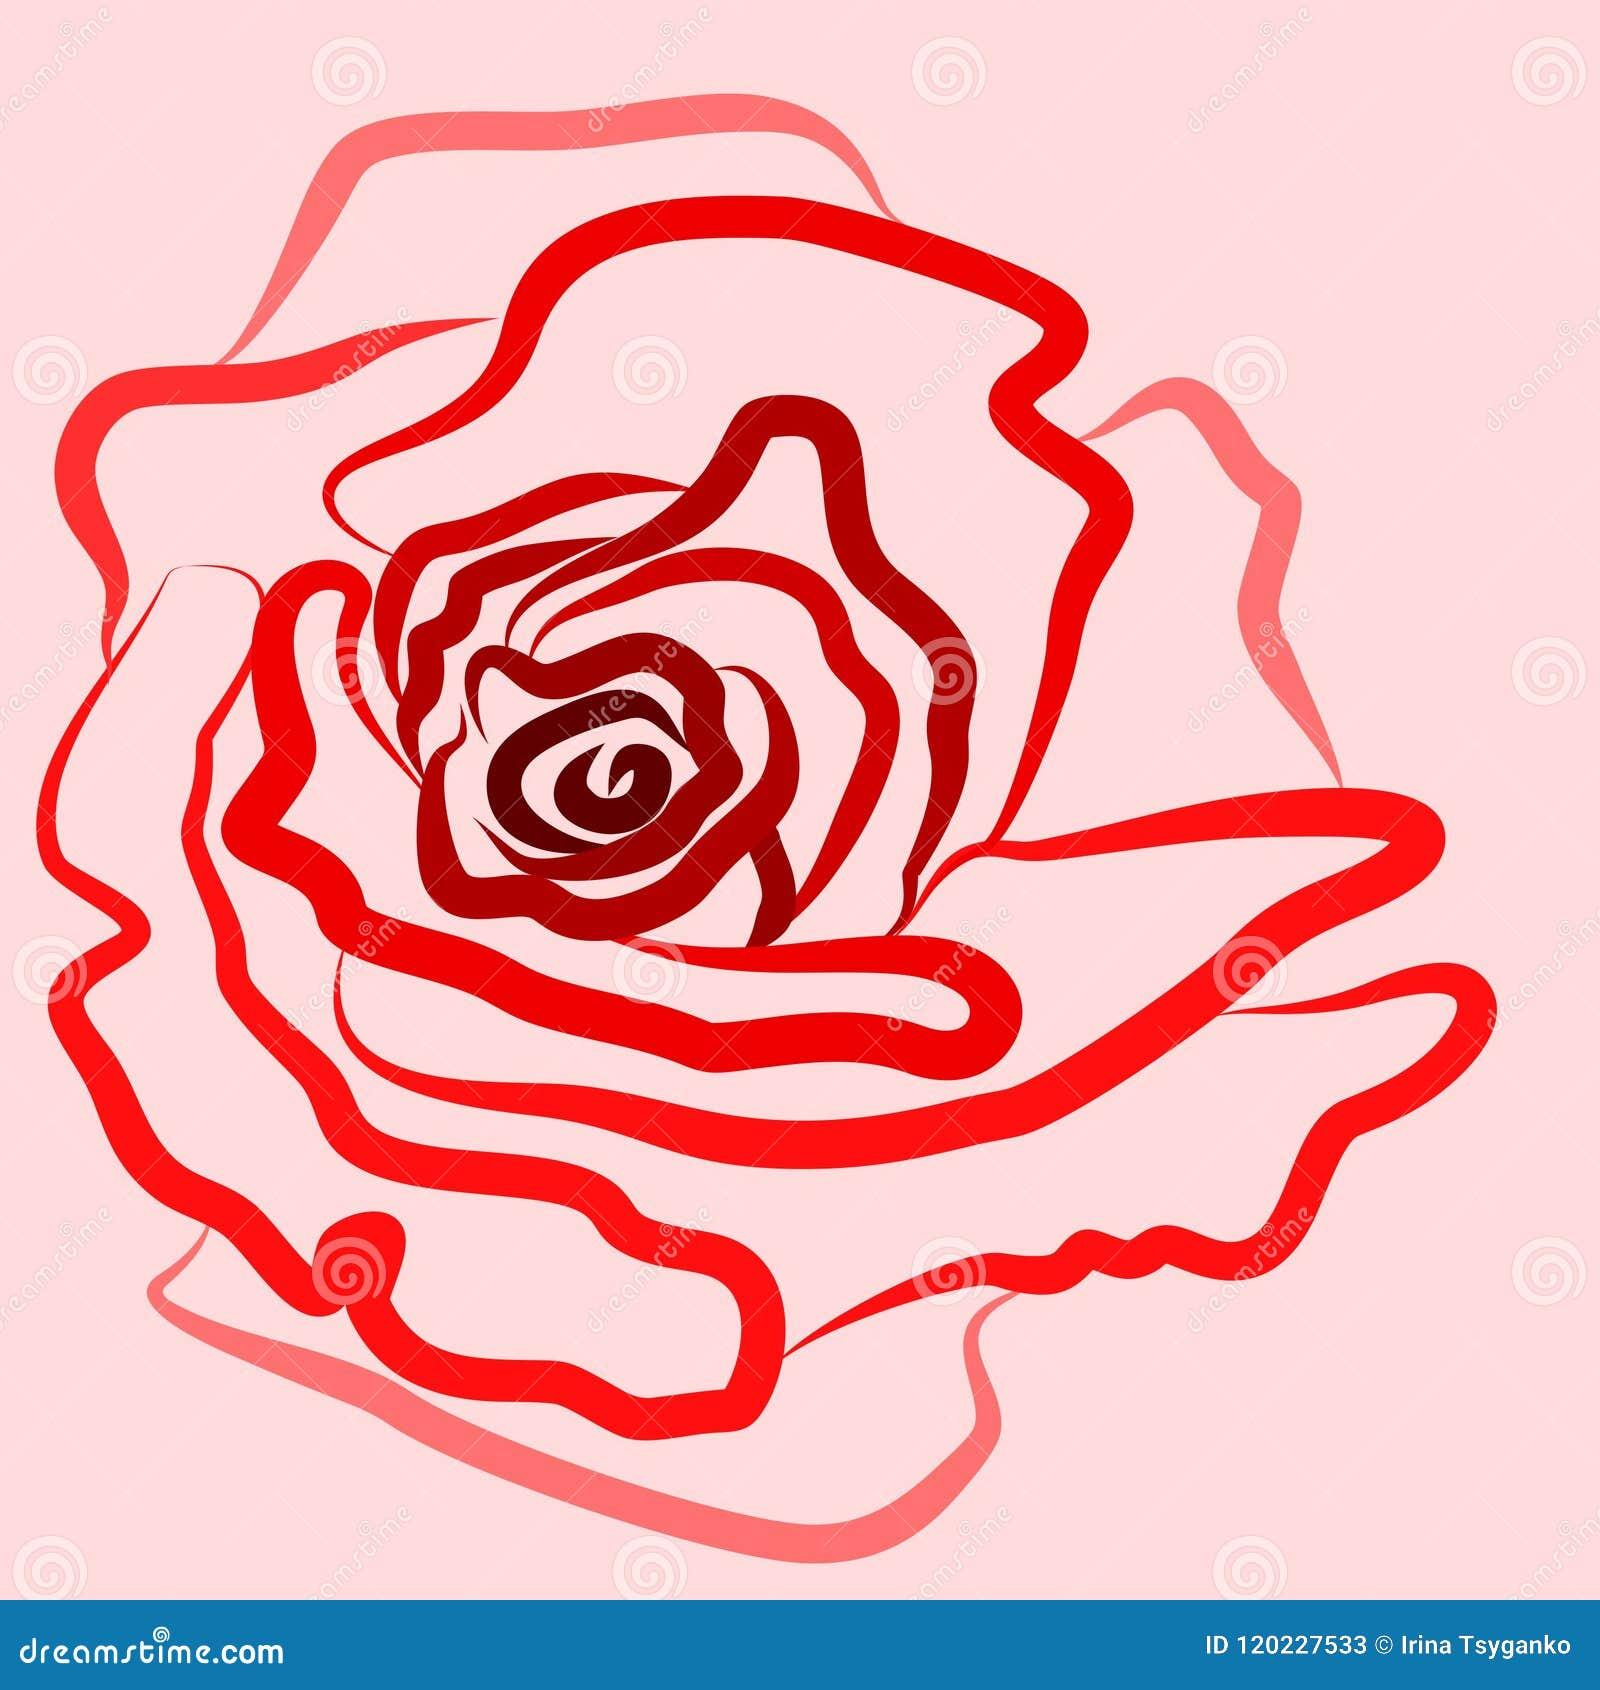 Nam, vector, illustratie, rood, achtergrond, silhouet, liefde, liefde, bloem, kleur toe